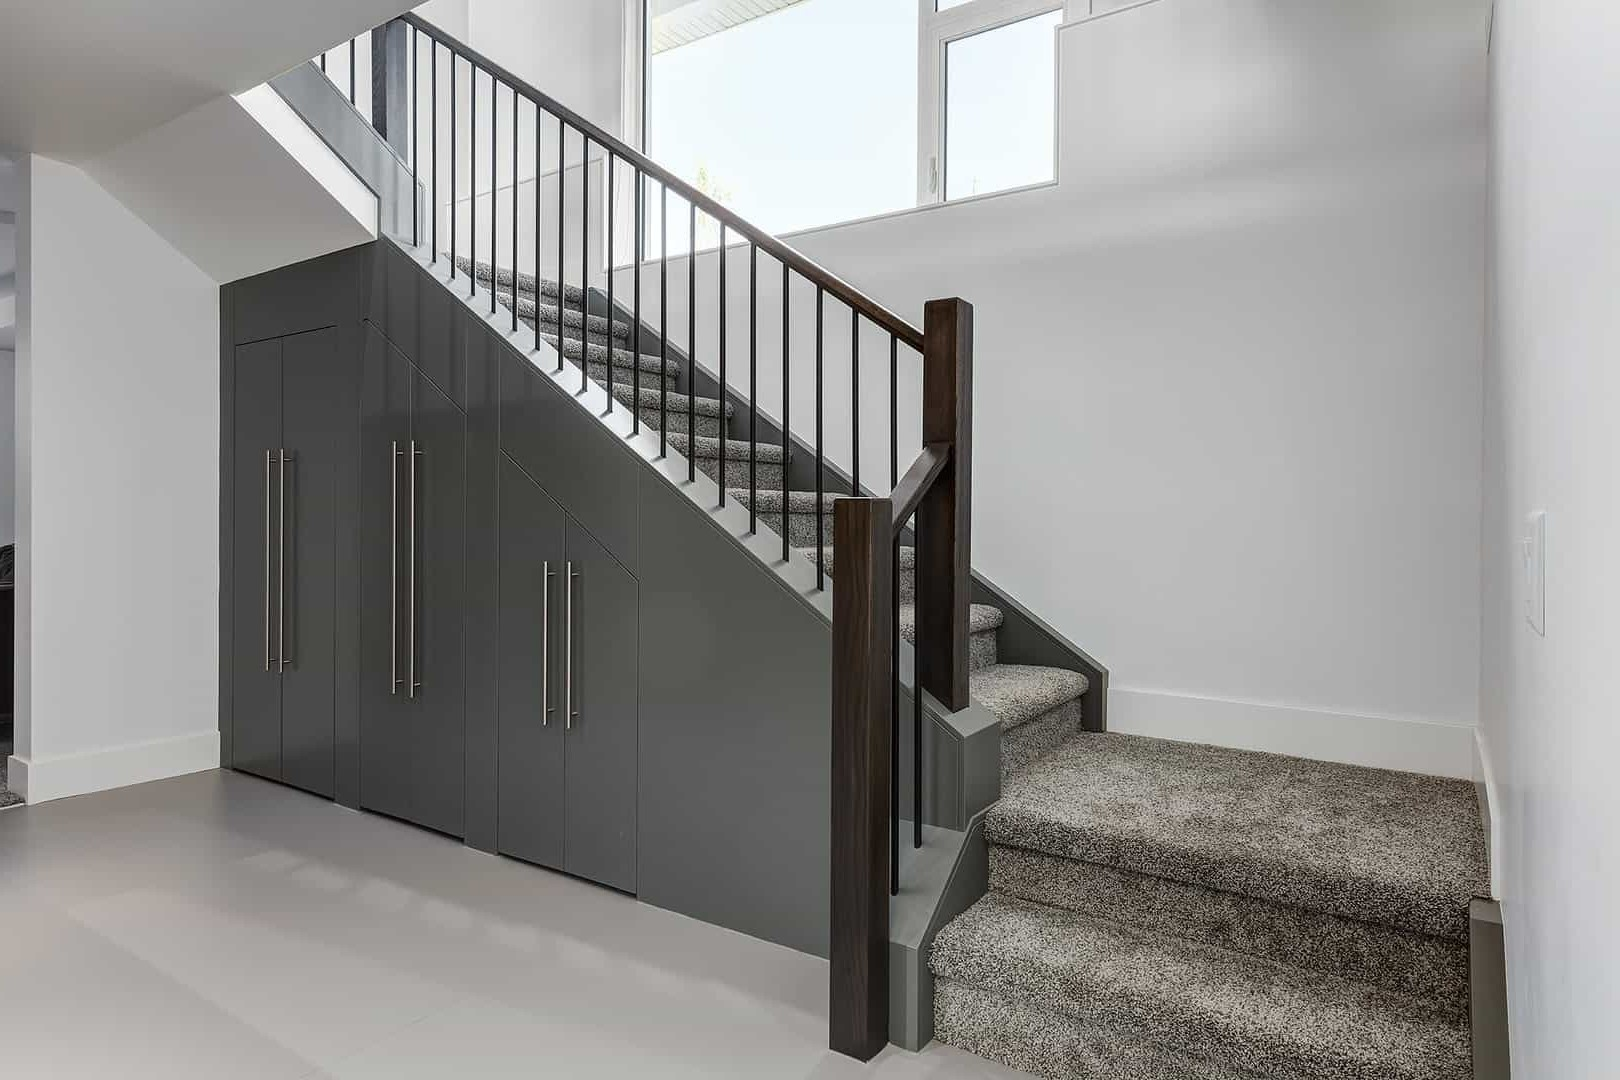 Escalier recouvert de moquette.